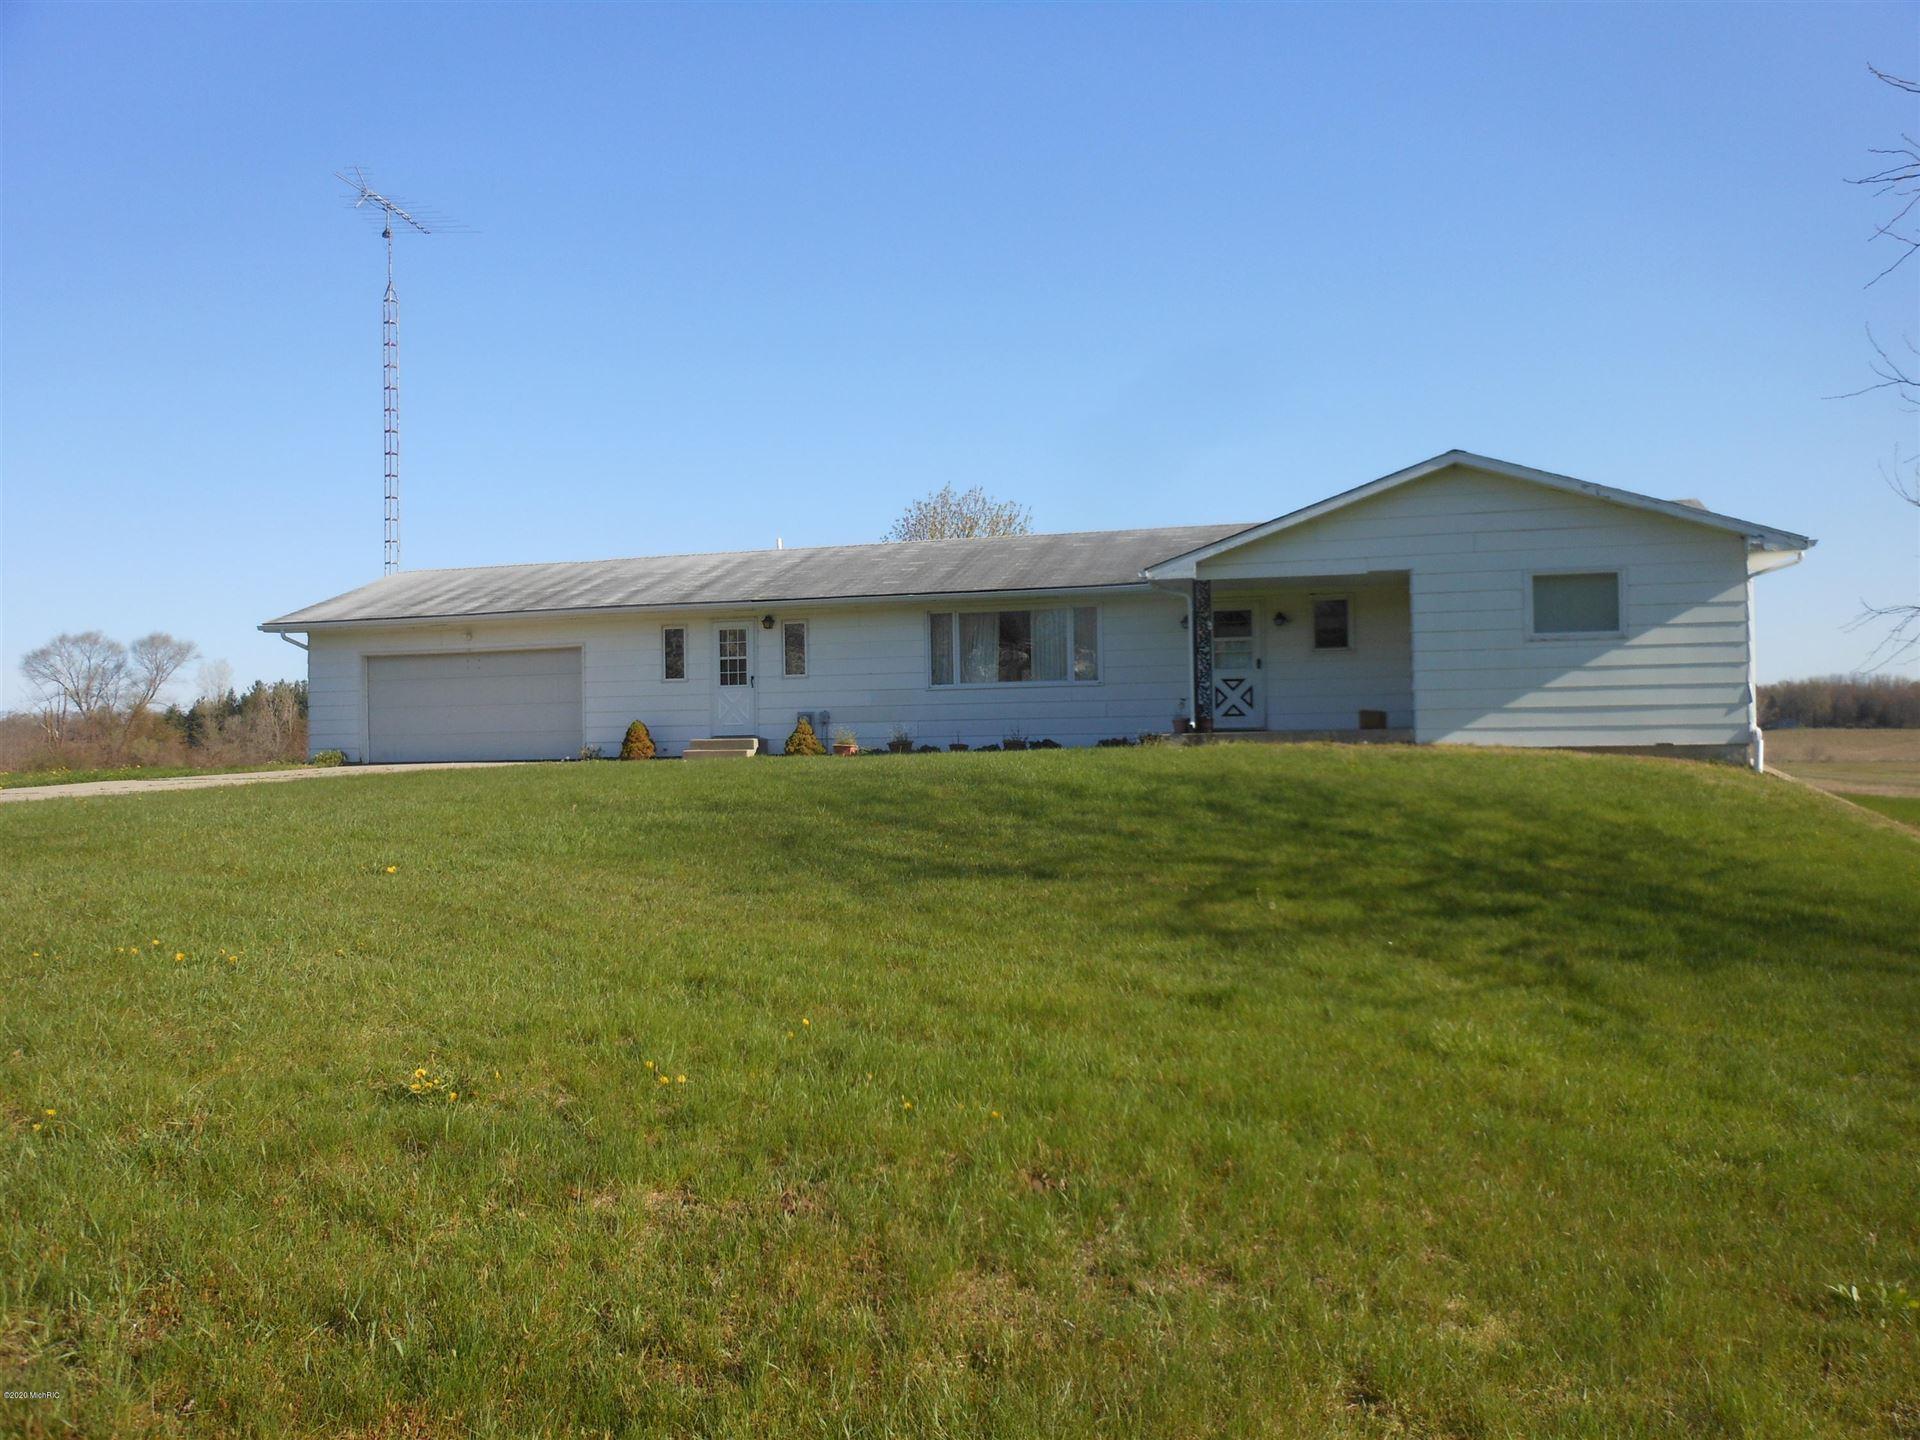 2375 E Shawnee Road, Berrien Springs, MI 49103 - #: 20018487